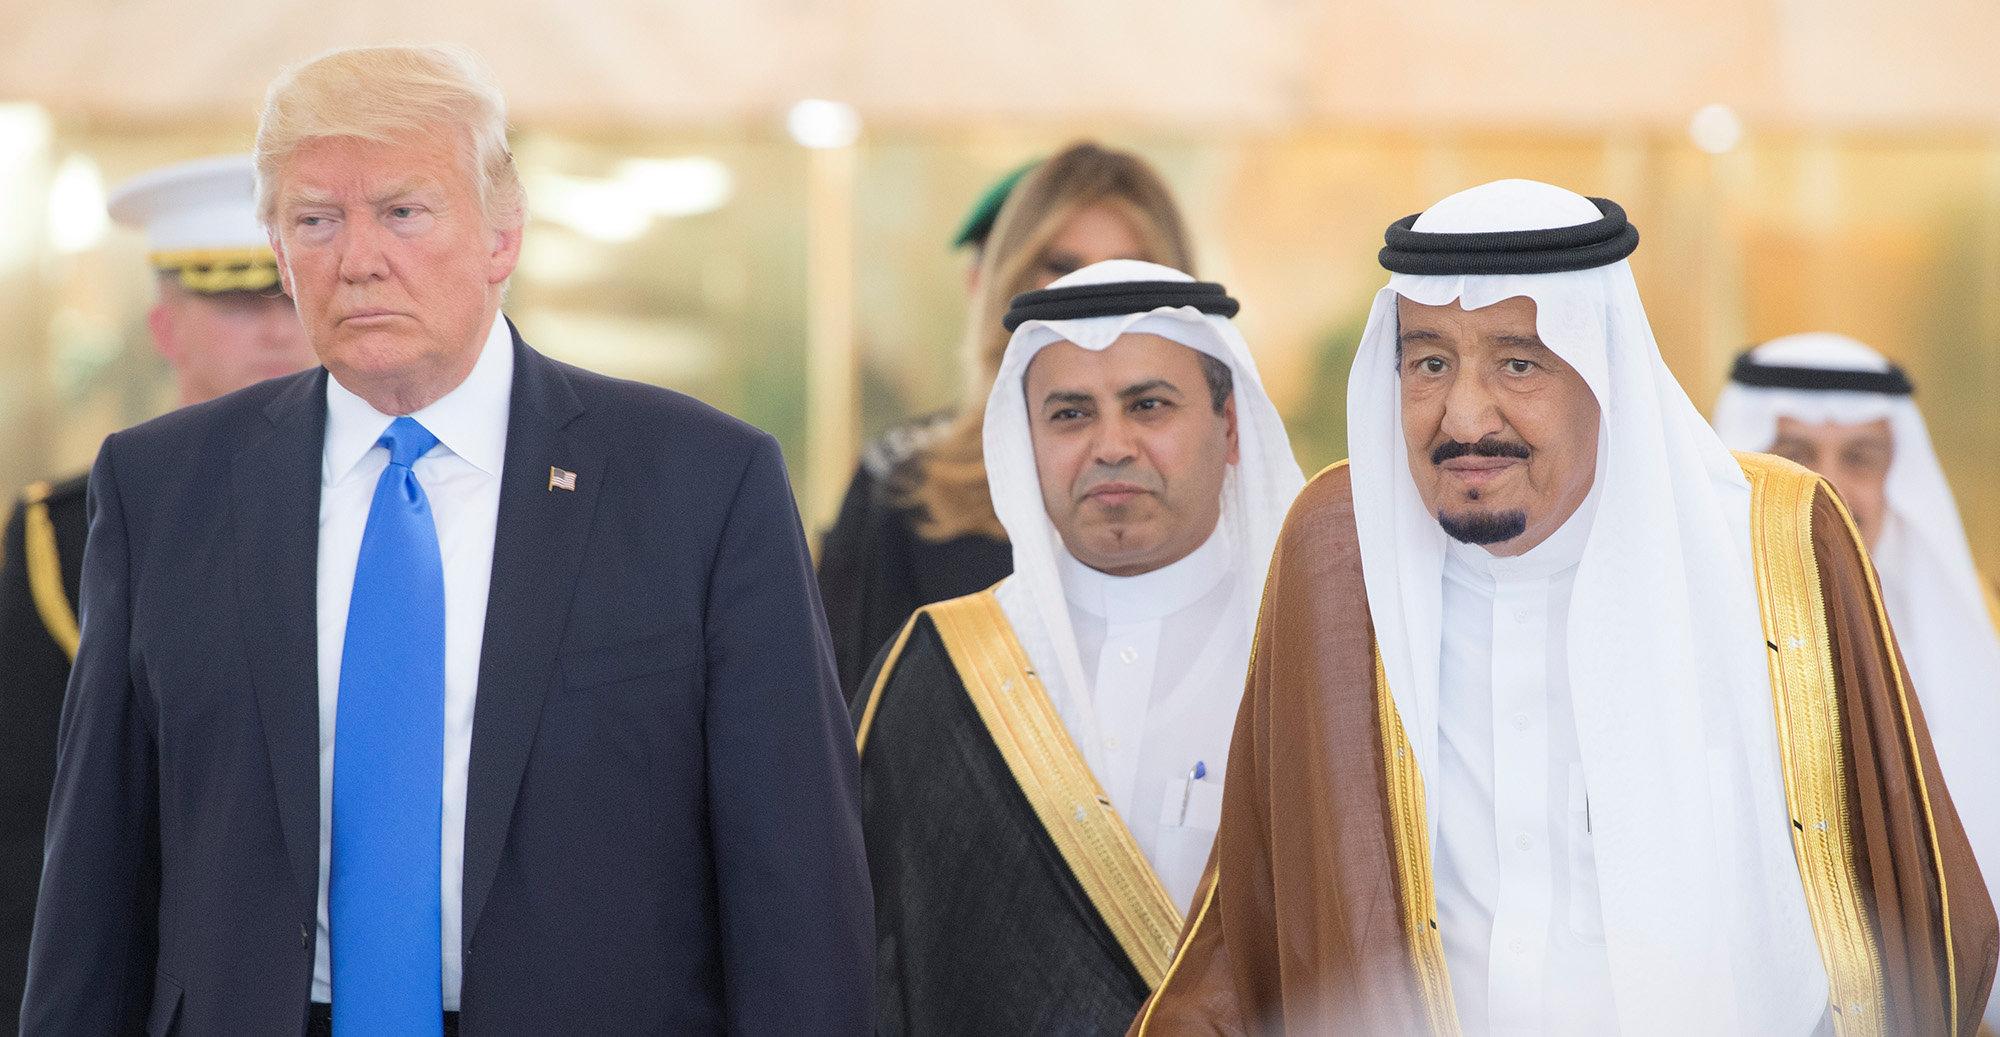 5月20日,在沙特阿拉伯首都利雅得,沙特国王萨勒曼(右)欢迎到访的美国总统特朗普(左)。 (新华社/路透)